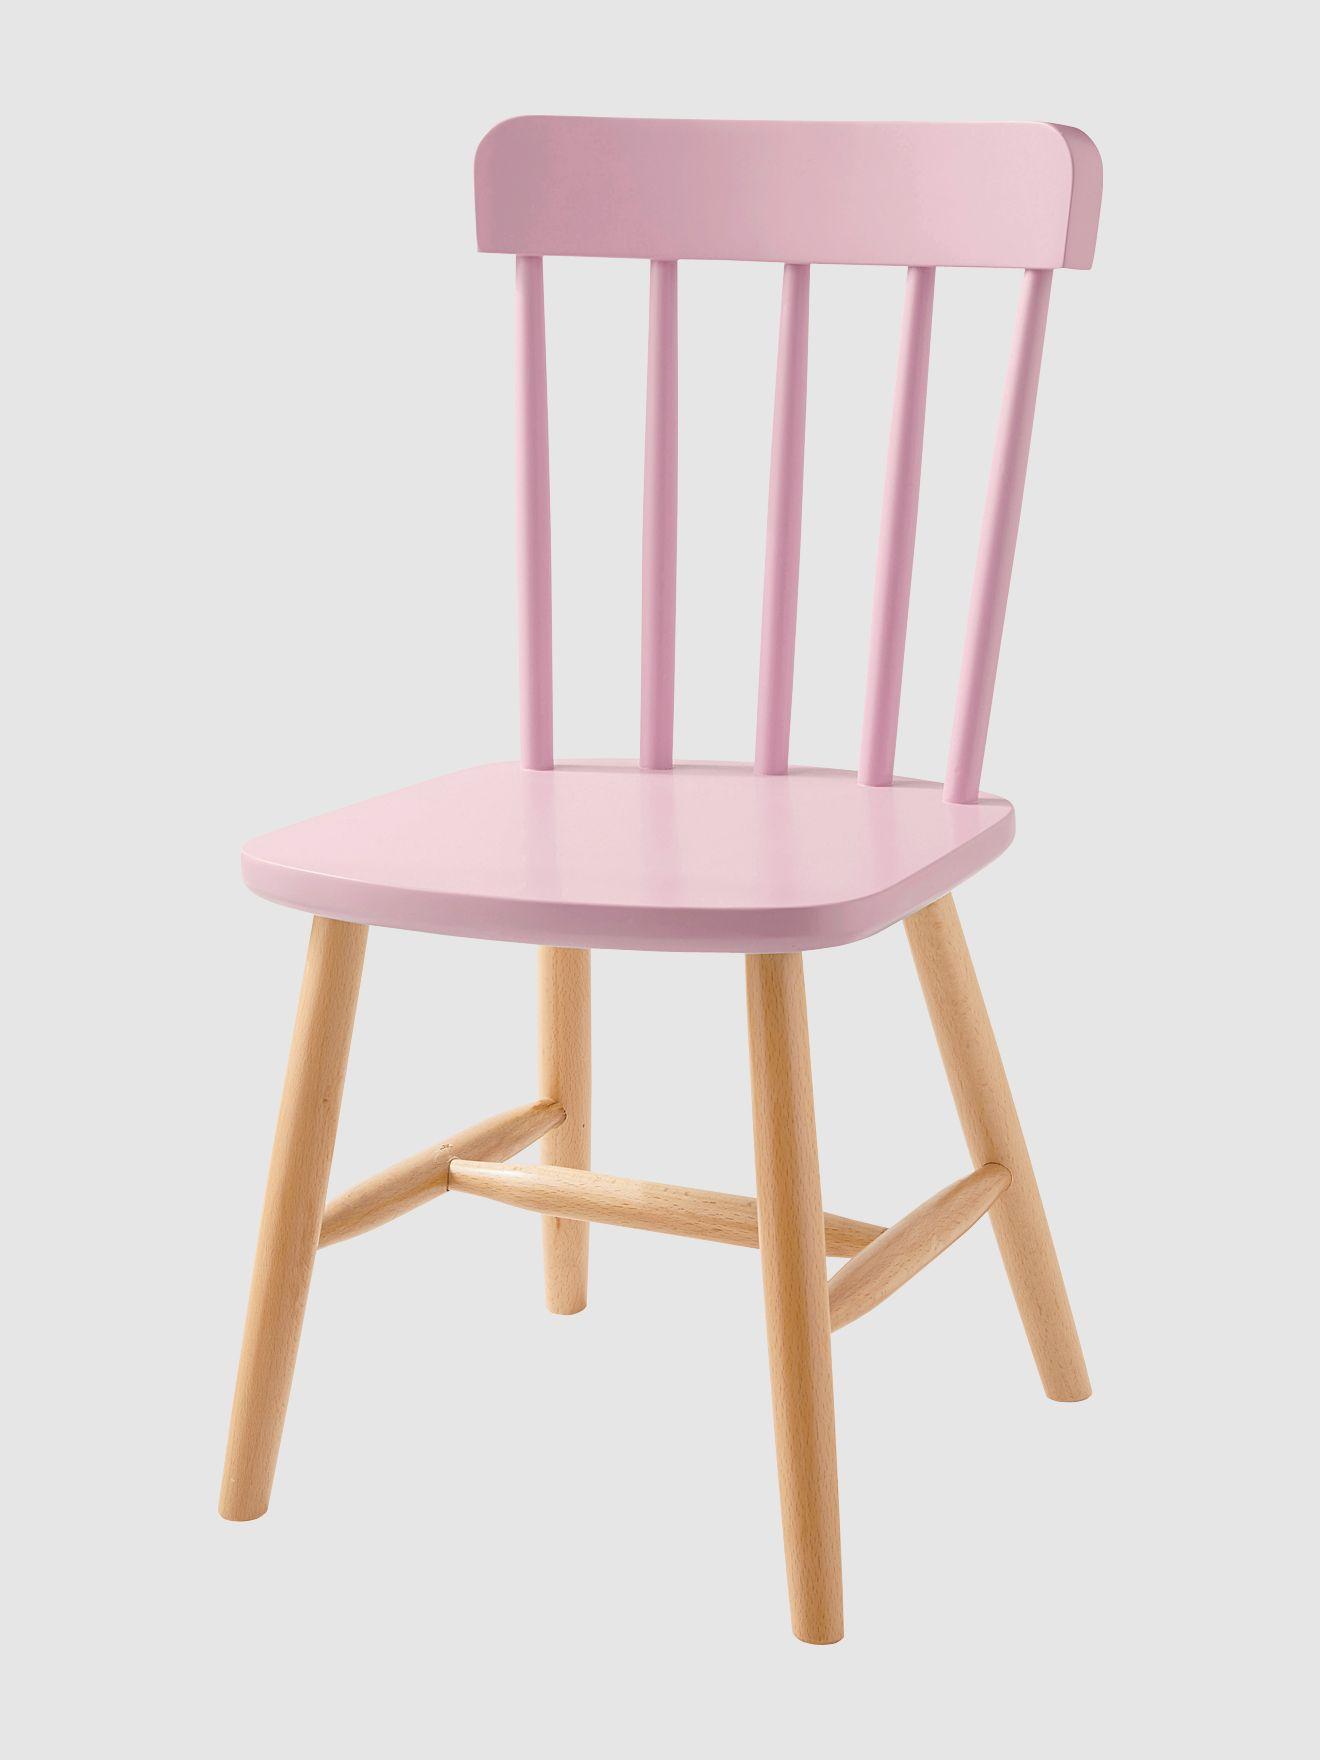 Bien Pensee Cette Chaise Joue Le Confort Des Petits Dans Un Style Et 3 Coloris Qui S Associent Facilement A To Chaise Enfant Chaise Fauteuil Mobilier De Salon